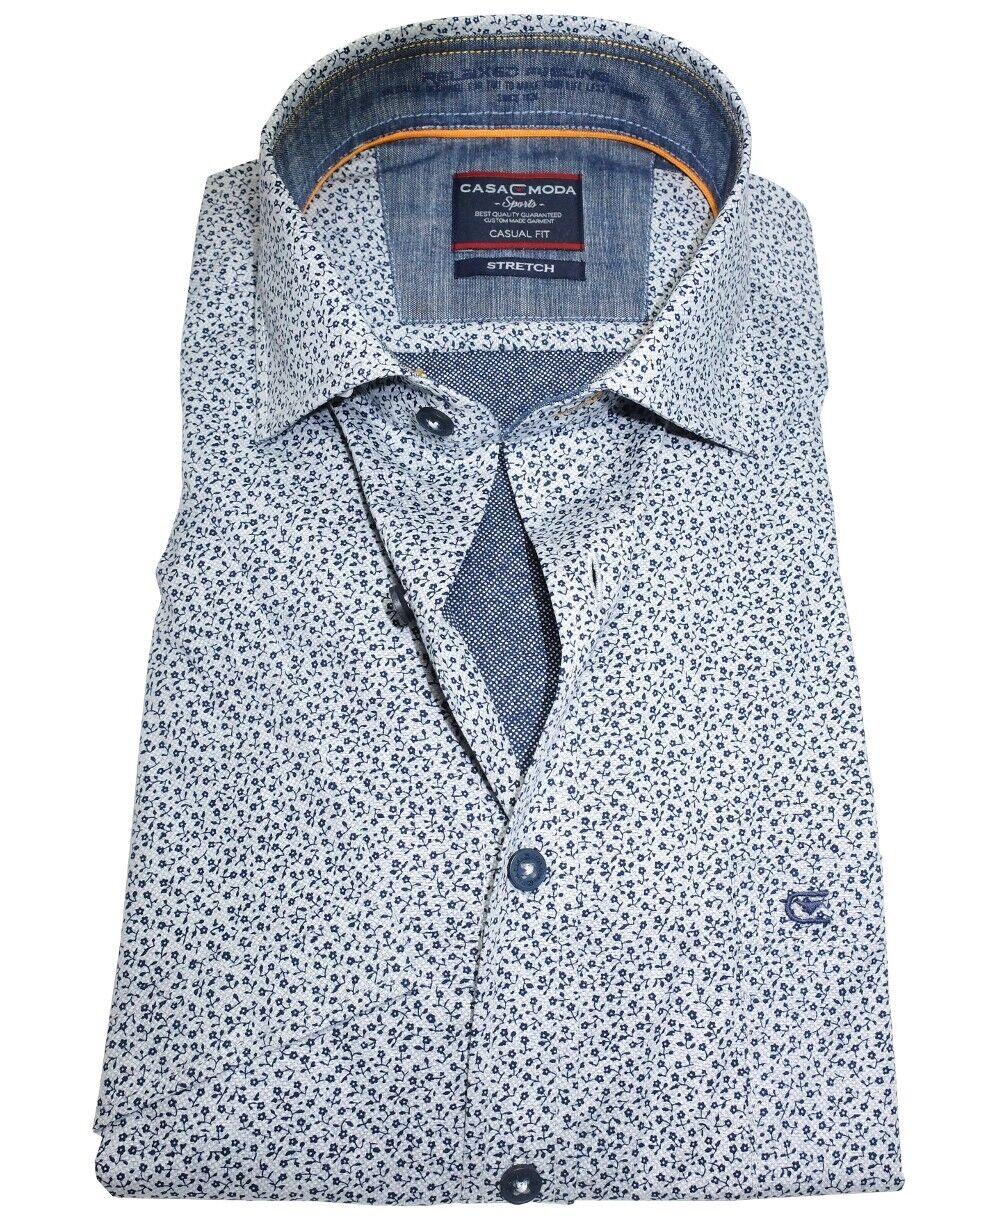 Casa Moda Sports Edition Stretch Kurzarmhemd hellgrey Floraldessin blue M - 7XL